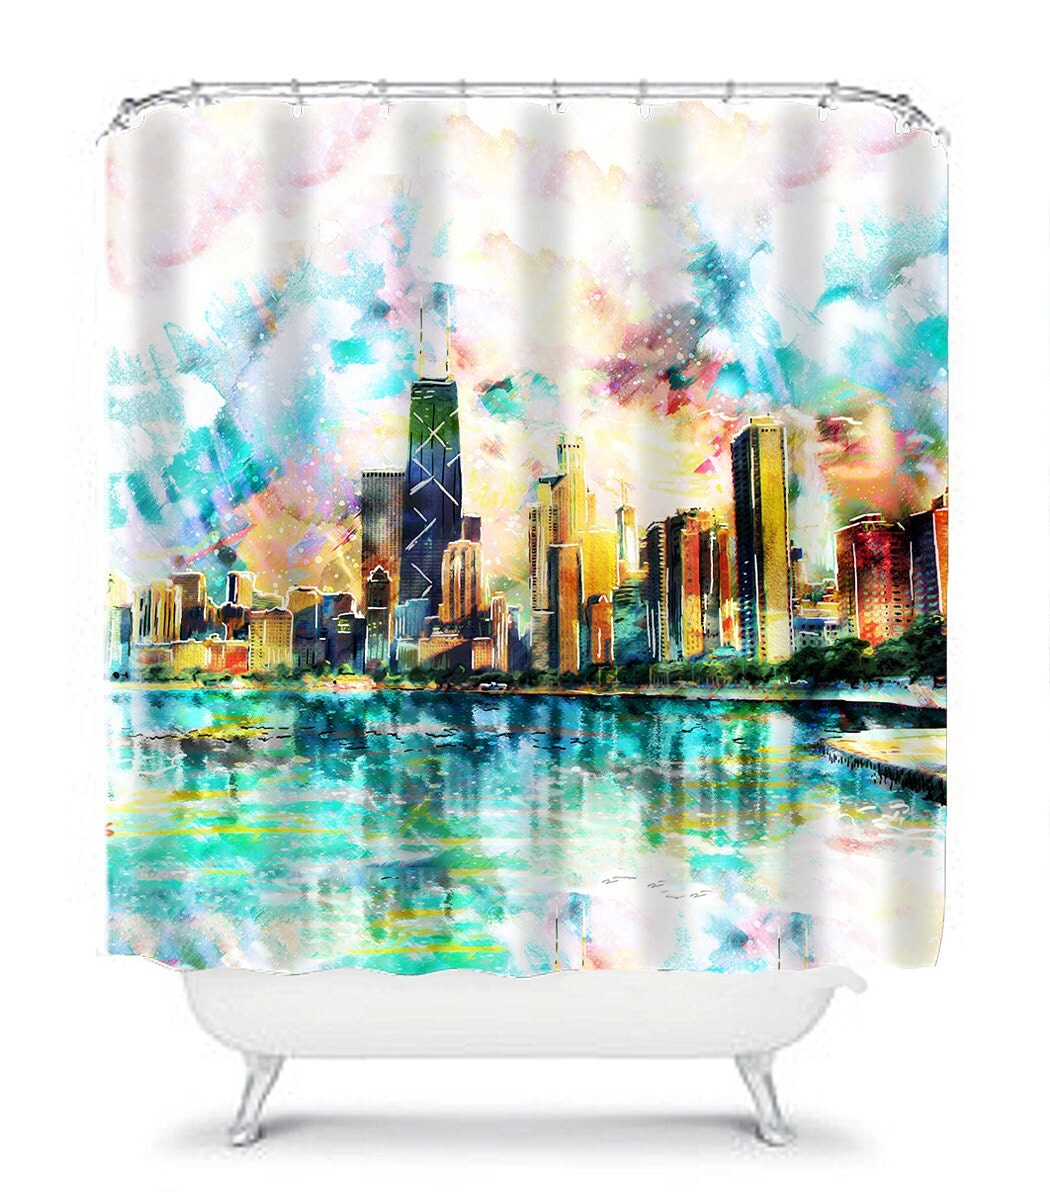 Chicago Skyline Shower Curtain Bed And Bath Decor Bathroom